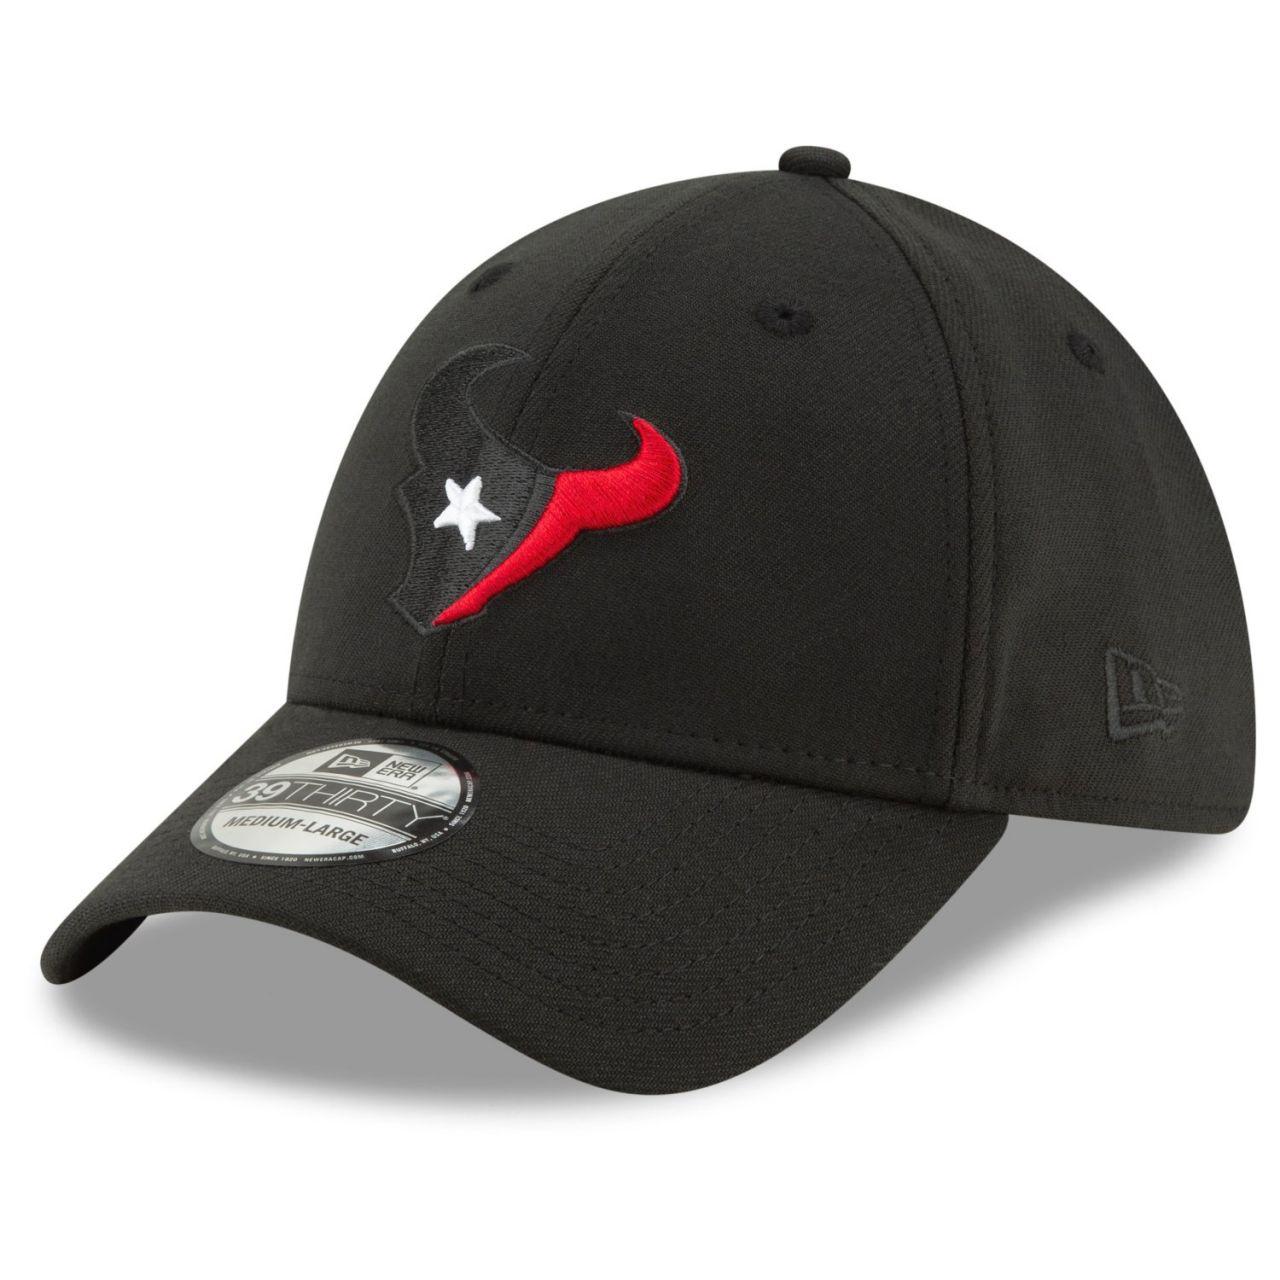 amfoo - New Era 39Thirty Stretch Cap - ELEMENTS Houston Texans